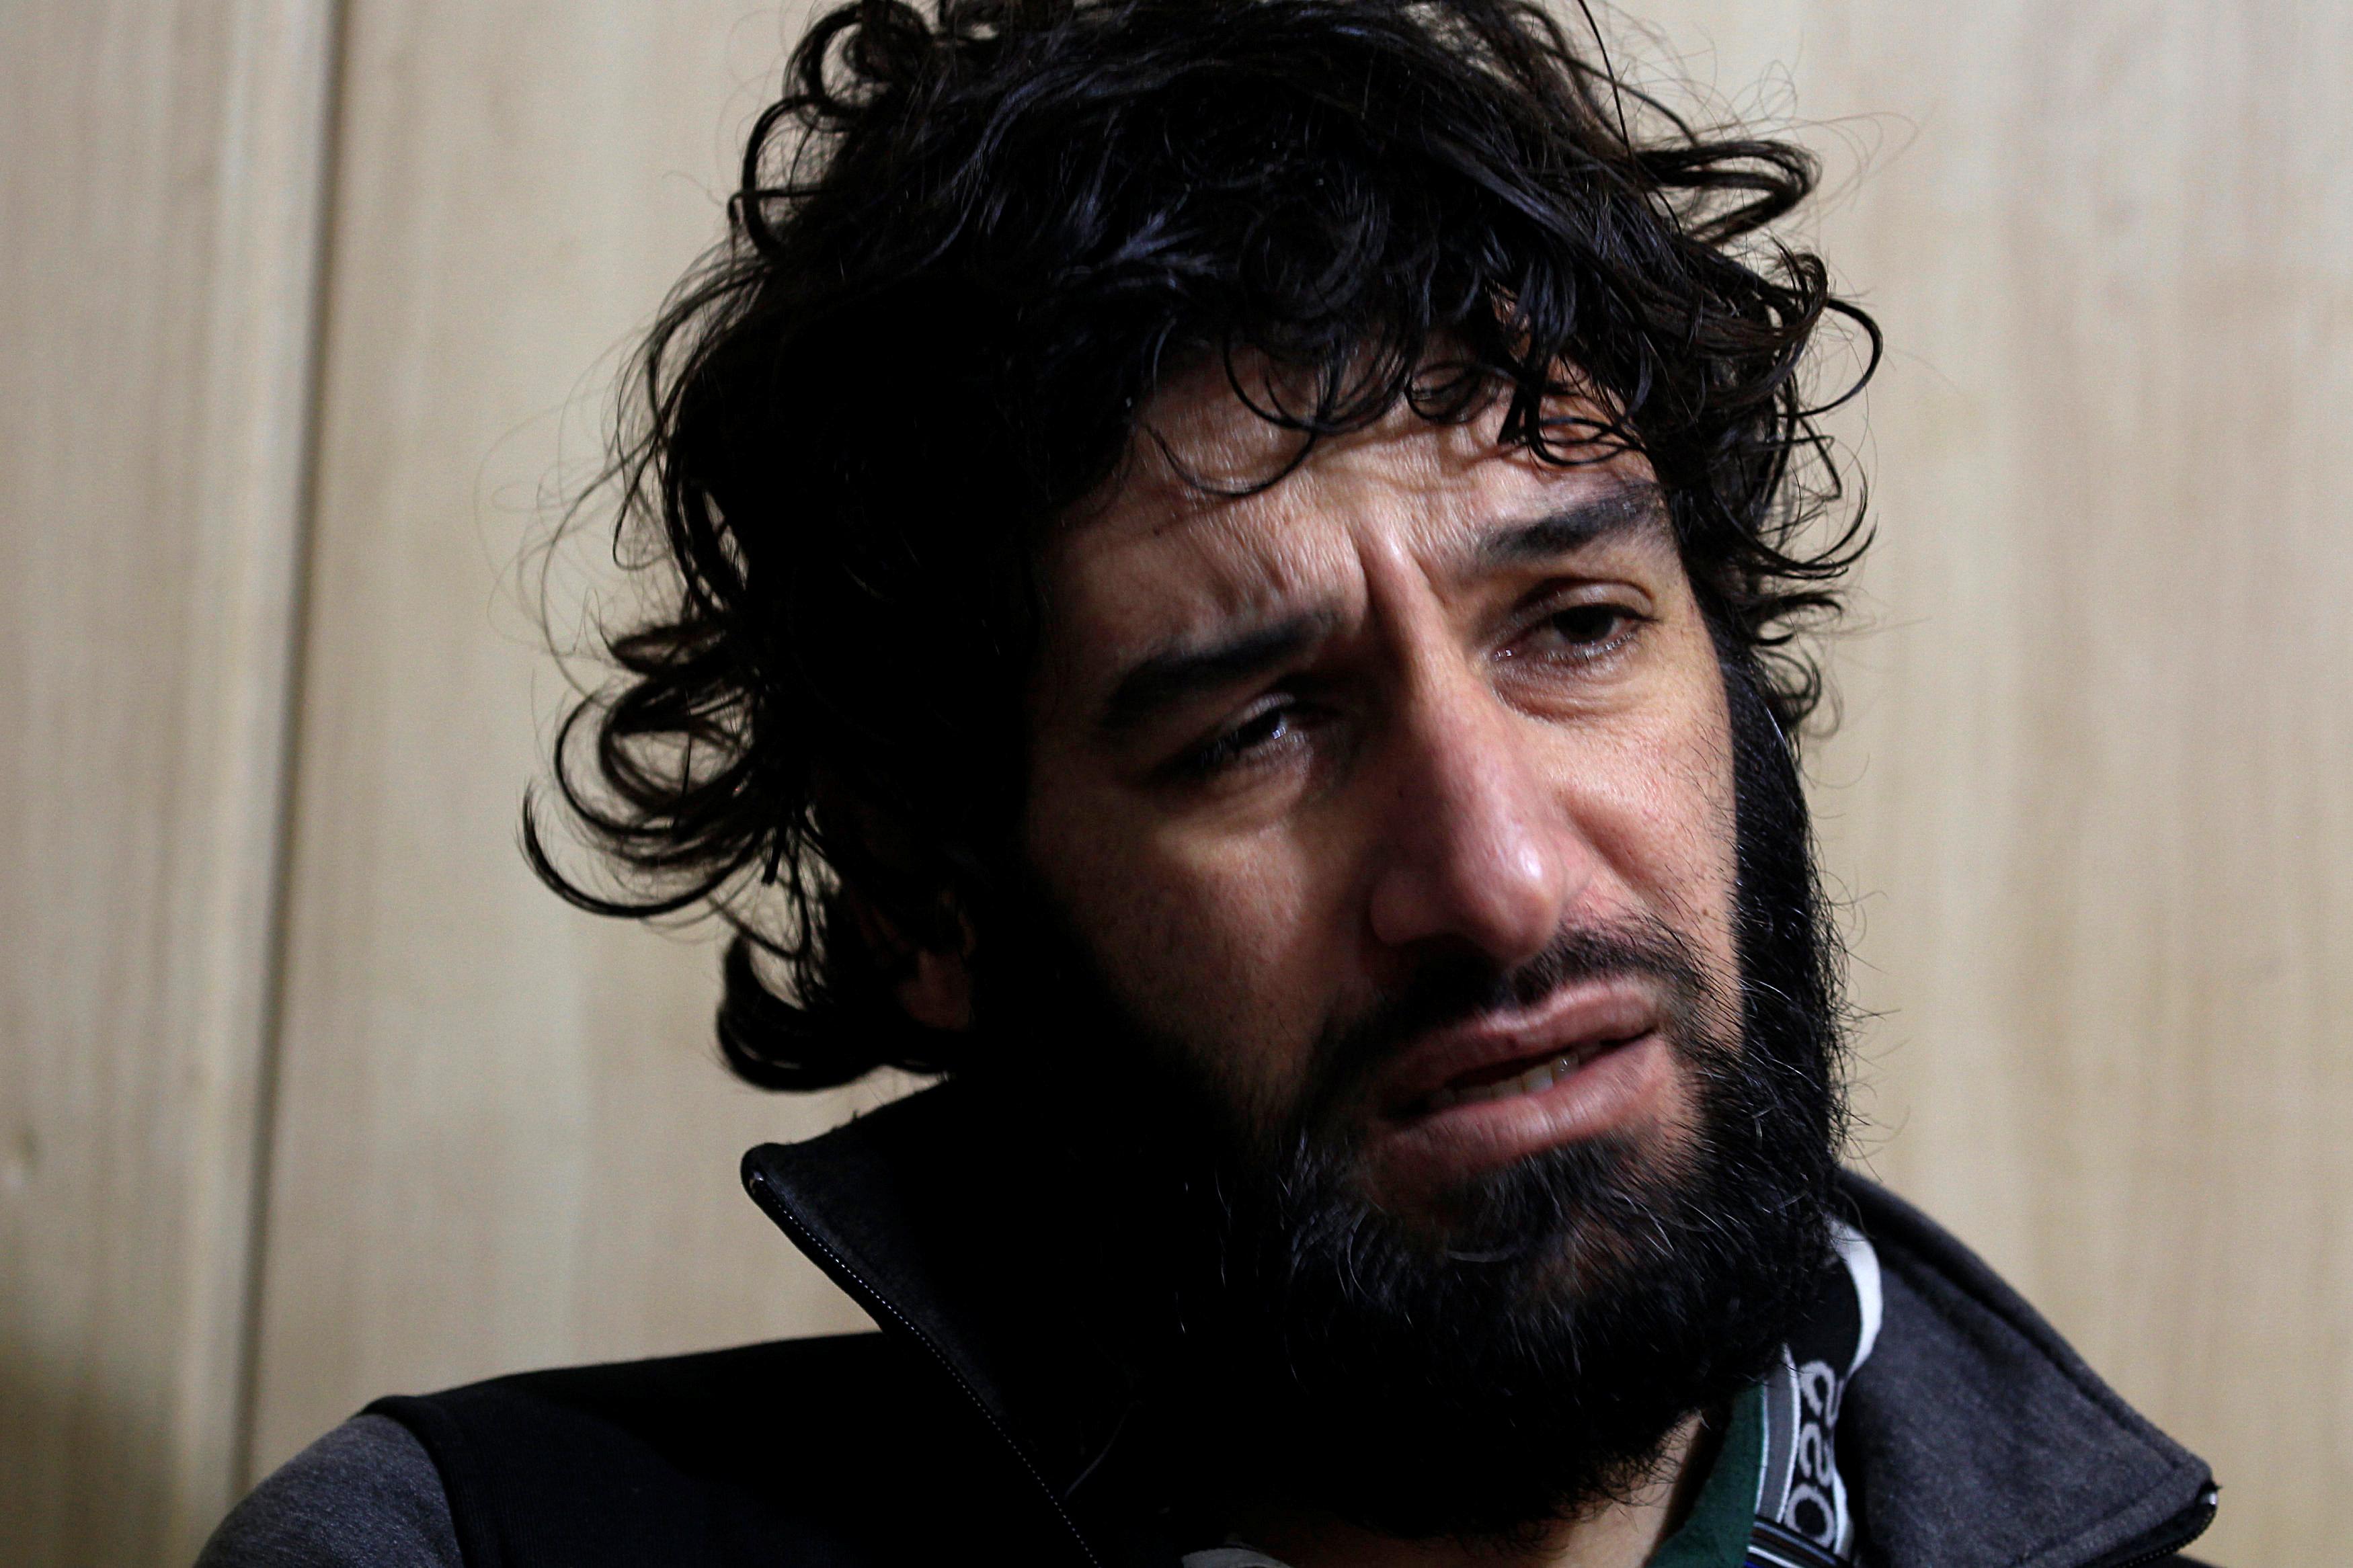 داعشي يعترف باغتصابه أكثر من 200 امرأة أيزيدية